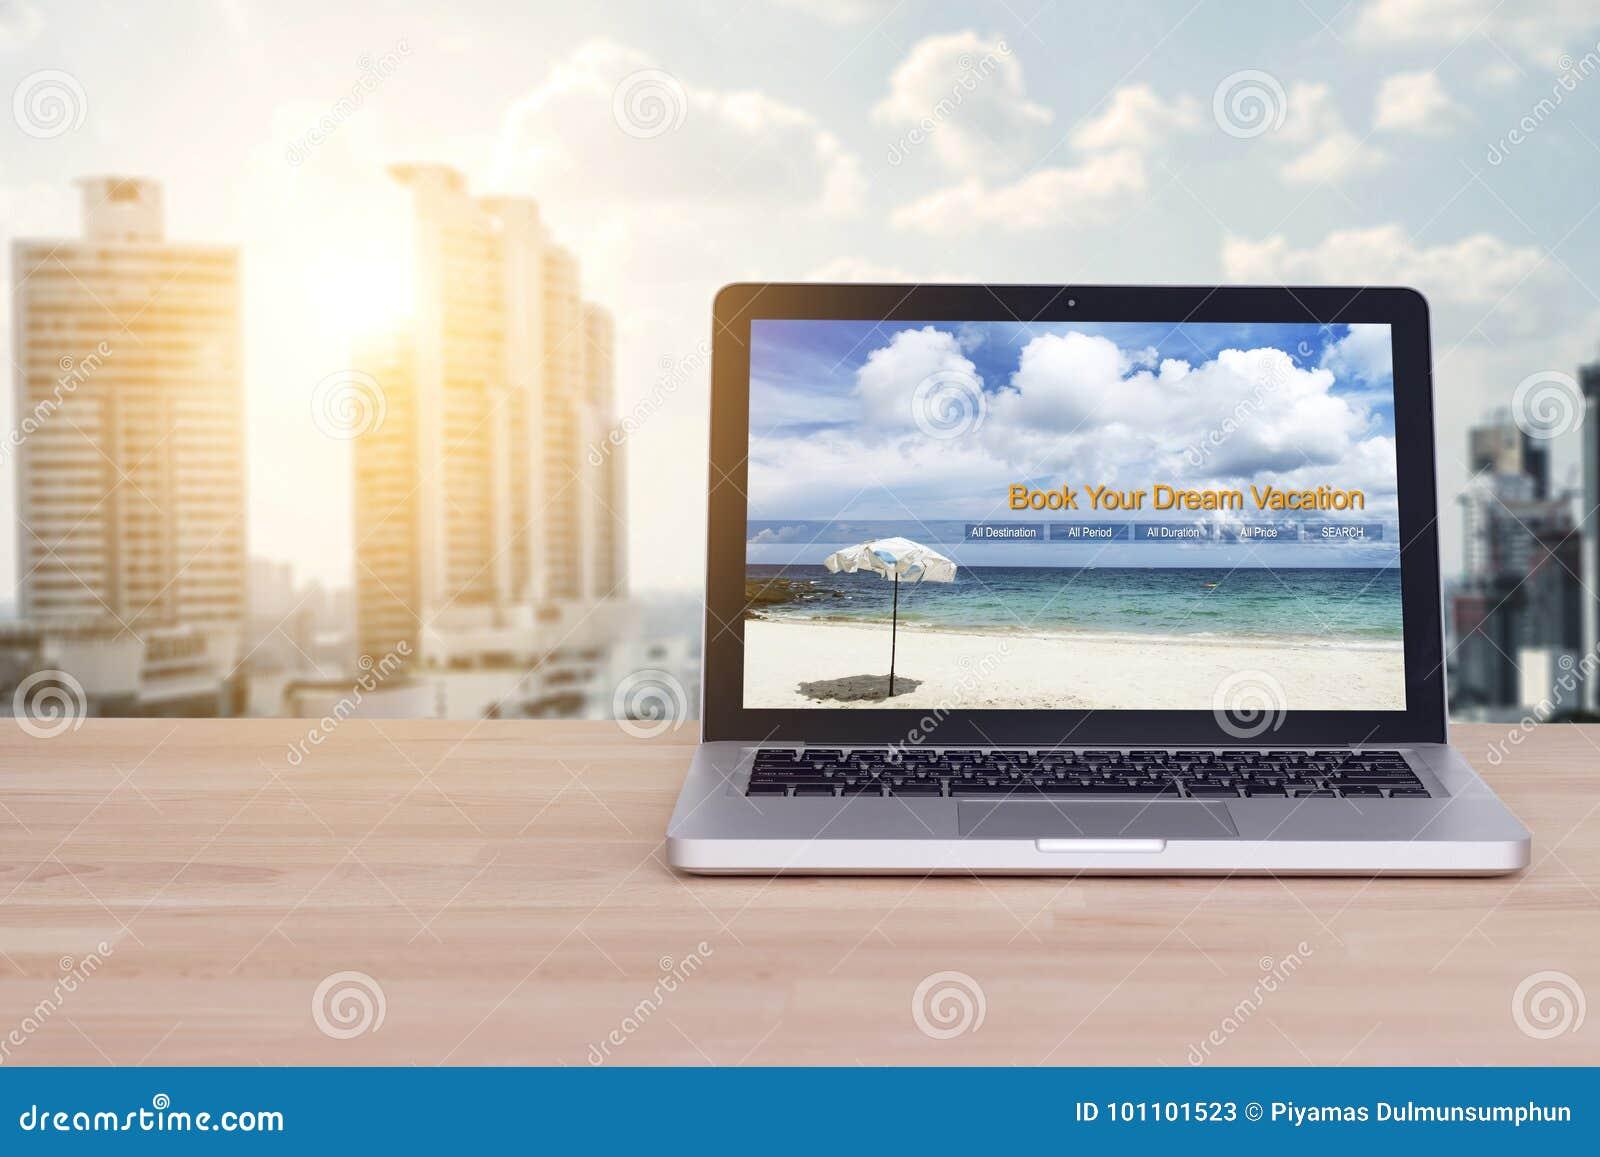 Reise, Feiertag, Ferienplanungskonzept Laptop mit Website